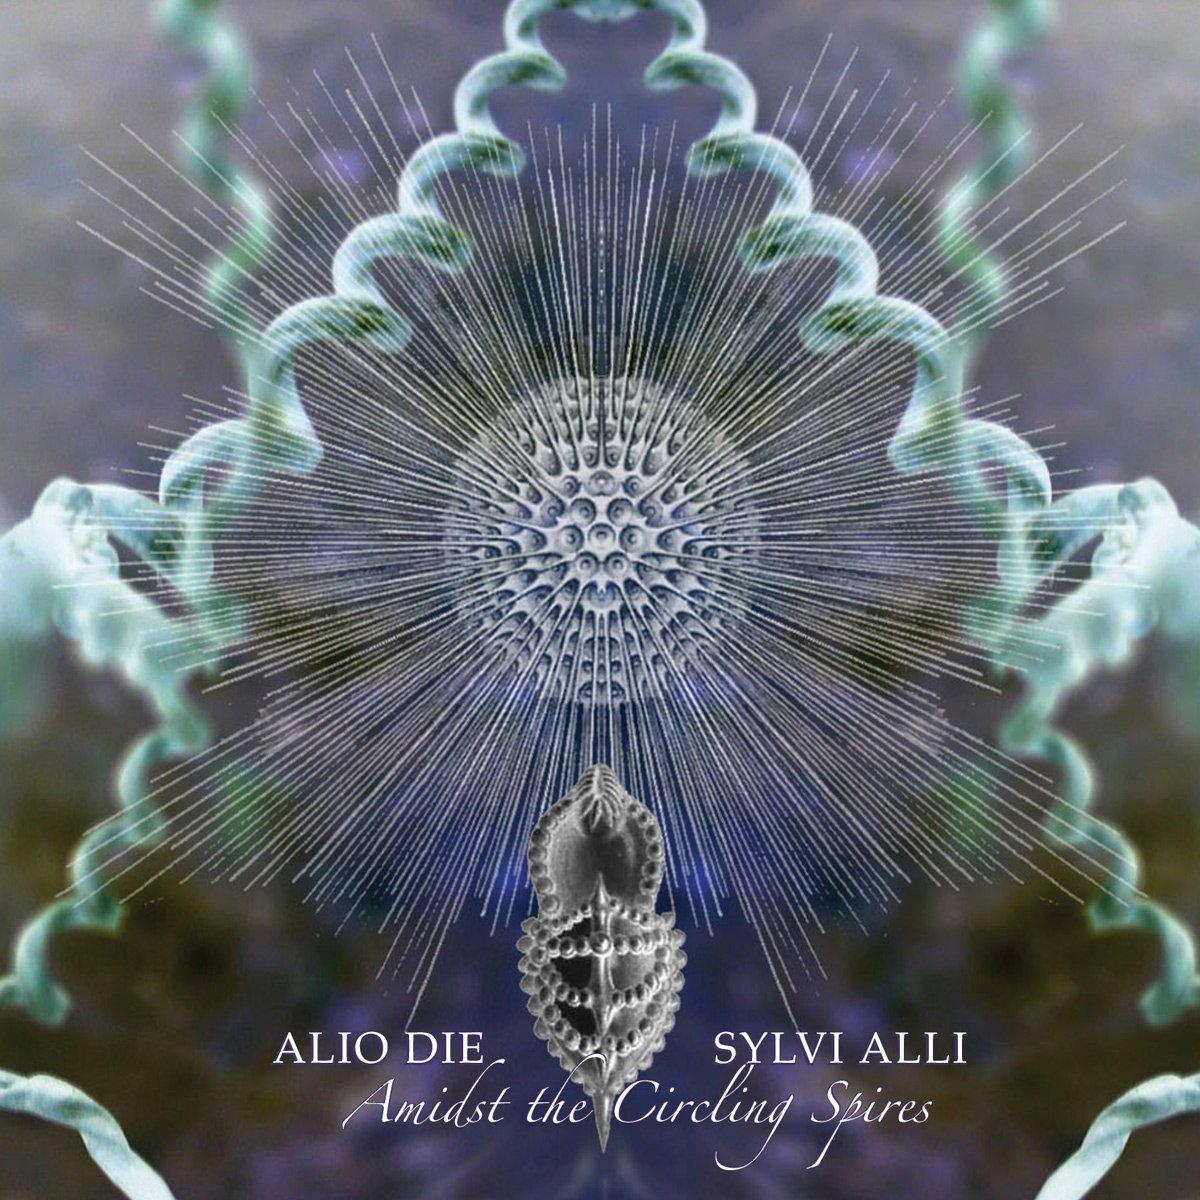 Alio Die / Sylvi Alli — Amidst the Circling Spires